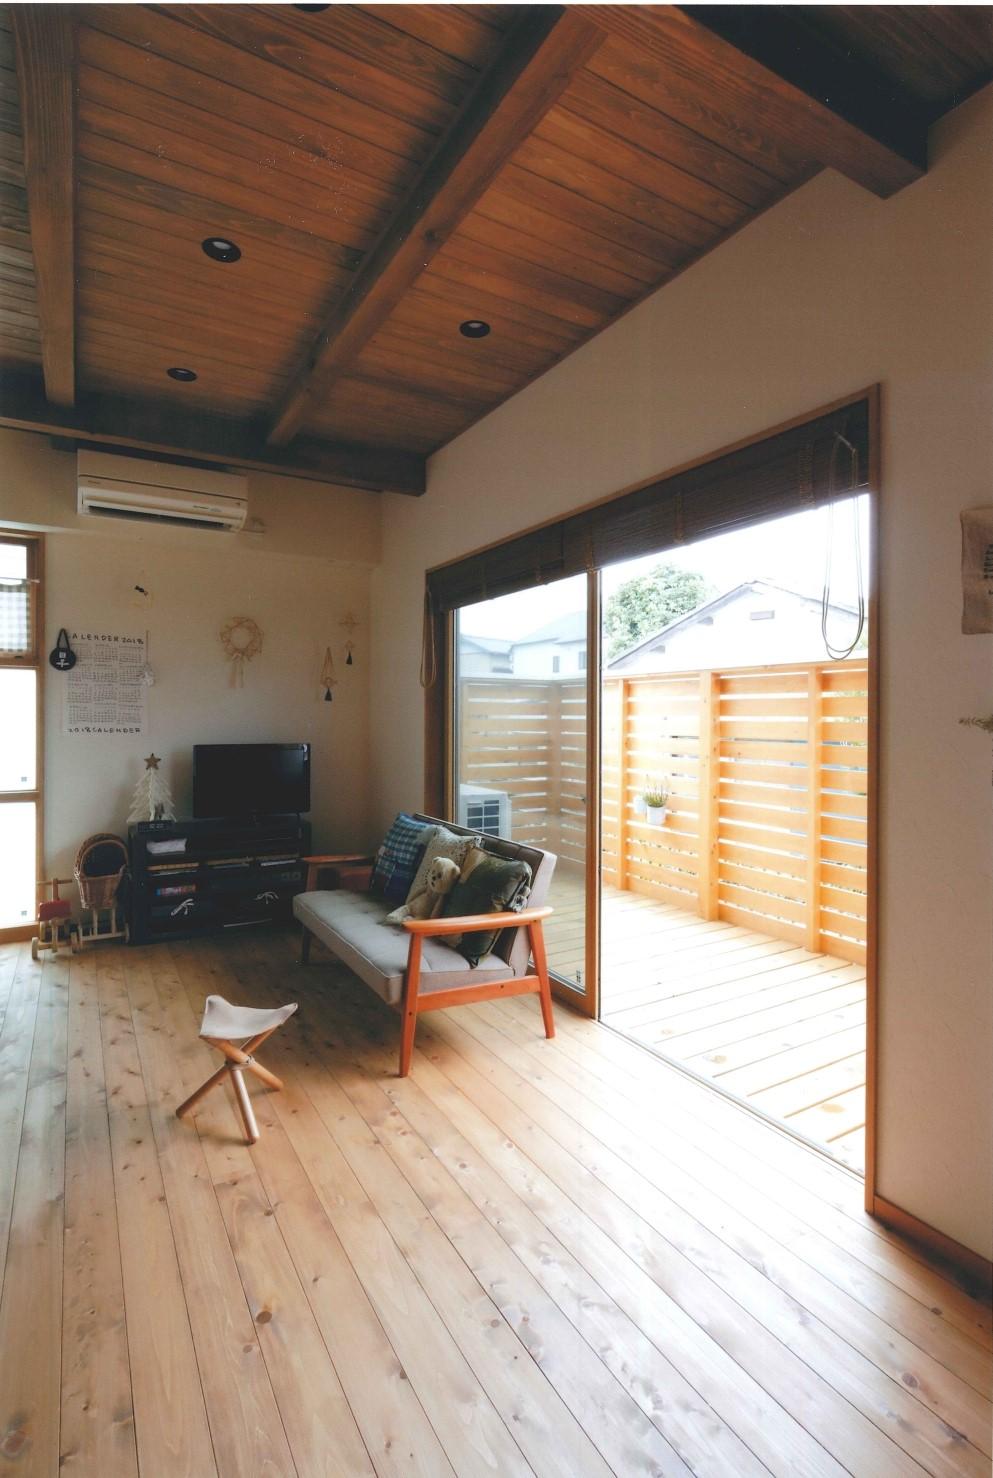 瀧建設 一級建築士事務所【子育て、収納力、自然素材】リビングの天井は無垢材の現しに。リビングの延長線上にウッドデッキがあり、空間に広がりを生んでいる